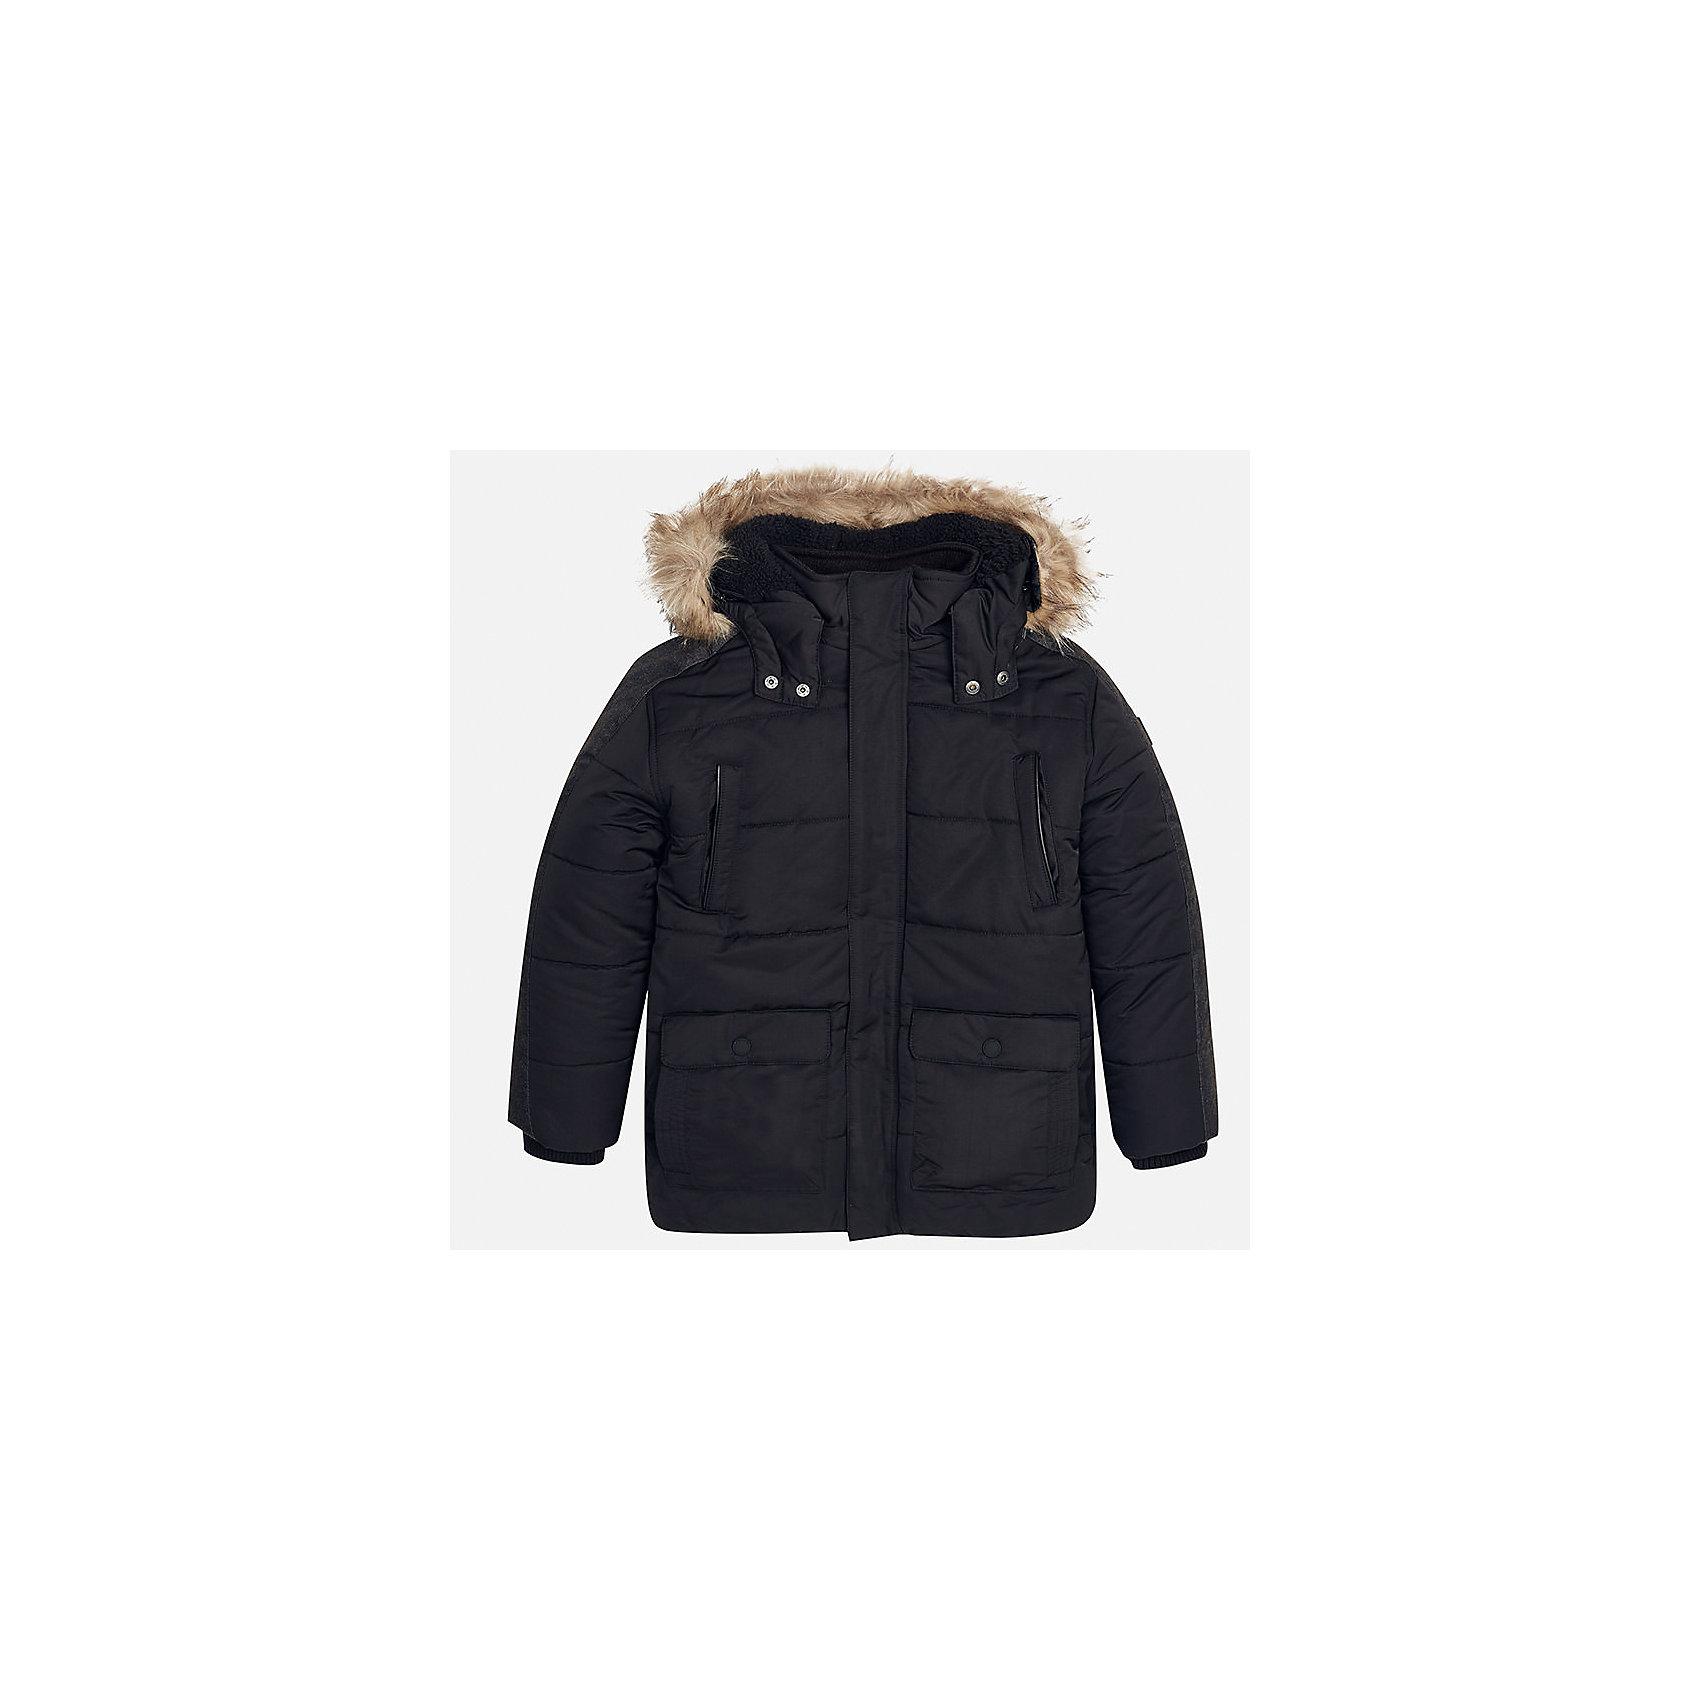 Куртка для мальчика MayoralДемисезонные куртки<br>Характеристики товара:<br><br>• цвет: черный;<br>• сезон: демисезон;<br>• температурный режим: от 0 до -10С;<br>• состав ткани: 100% полиэстер;<br>• состав подкладки: 100% полиэстер;<br>• на молнии и на кнопках;<br>• фасон: парка;<br>• капюшон:   отстегивается, с мехом;<br>• страна бренда: Испания;<br>• страна изготовитель: Китай.<br><br>Утепленная демисезонная куртка для мальчика от популярного бренда Mayoral,  модный фасон - парка  несомненно понравится вам и вашему ребенку. Качественные ткани, безупречное исполнение, все модели в центре модных тенденций. <br><br>Удлиненная модель черного цвета выполненаиз качественной ткани и внутреннего утеплителя, обеспечивающие хорошую воздухопроницаемую защиту и тепло,  рукава на элестичных манжетах. Застегивается на молнию и на кнопки, капюшон отстегивается, украшен искусственной опушкой, кодкладка капюшона утеплена плюшем.   Верхние передние карманы на молнии и нижние передние карманы на кнопках. Декорирована стильными вставками на рукавах.<br><br>Легкая и теплая куртка-парка с капюшоном и карманами на холодную осень - теплую зиму. Грамотный крой изделия обеспечивает отличную посадку по фигуре. <br><br>Утепленная демисезонная куртка для мальчика Mayoral (Майорал) можно купить в нашем интернет-магазине.<br><br>Ширина мм: 356<br>Глубина мм: 10<br>Высота мм: 245<br>Вес г: 519<br>Цвет: черный<br>Возраст от месяцев: 168<br>Возраст до месяцев: 180<br>Пол: Мужской<br>Возраст: Детский<br>Размер: 170,140,152,158,164<br>SKU: 6938887